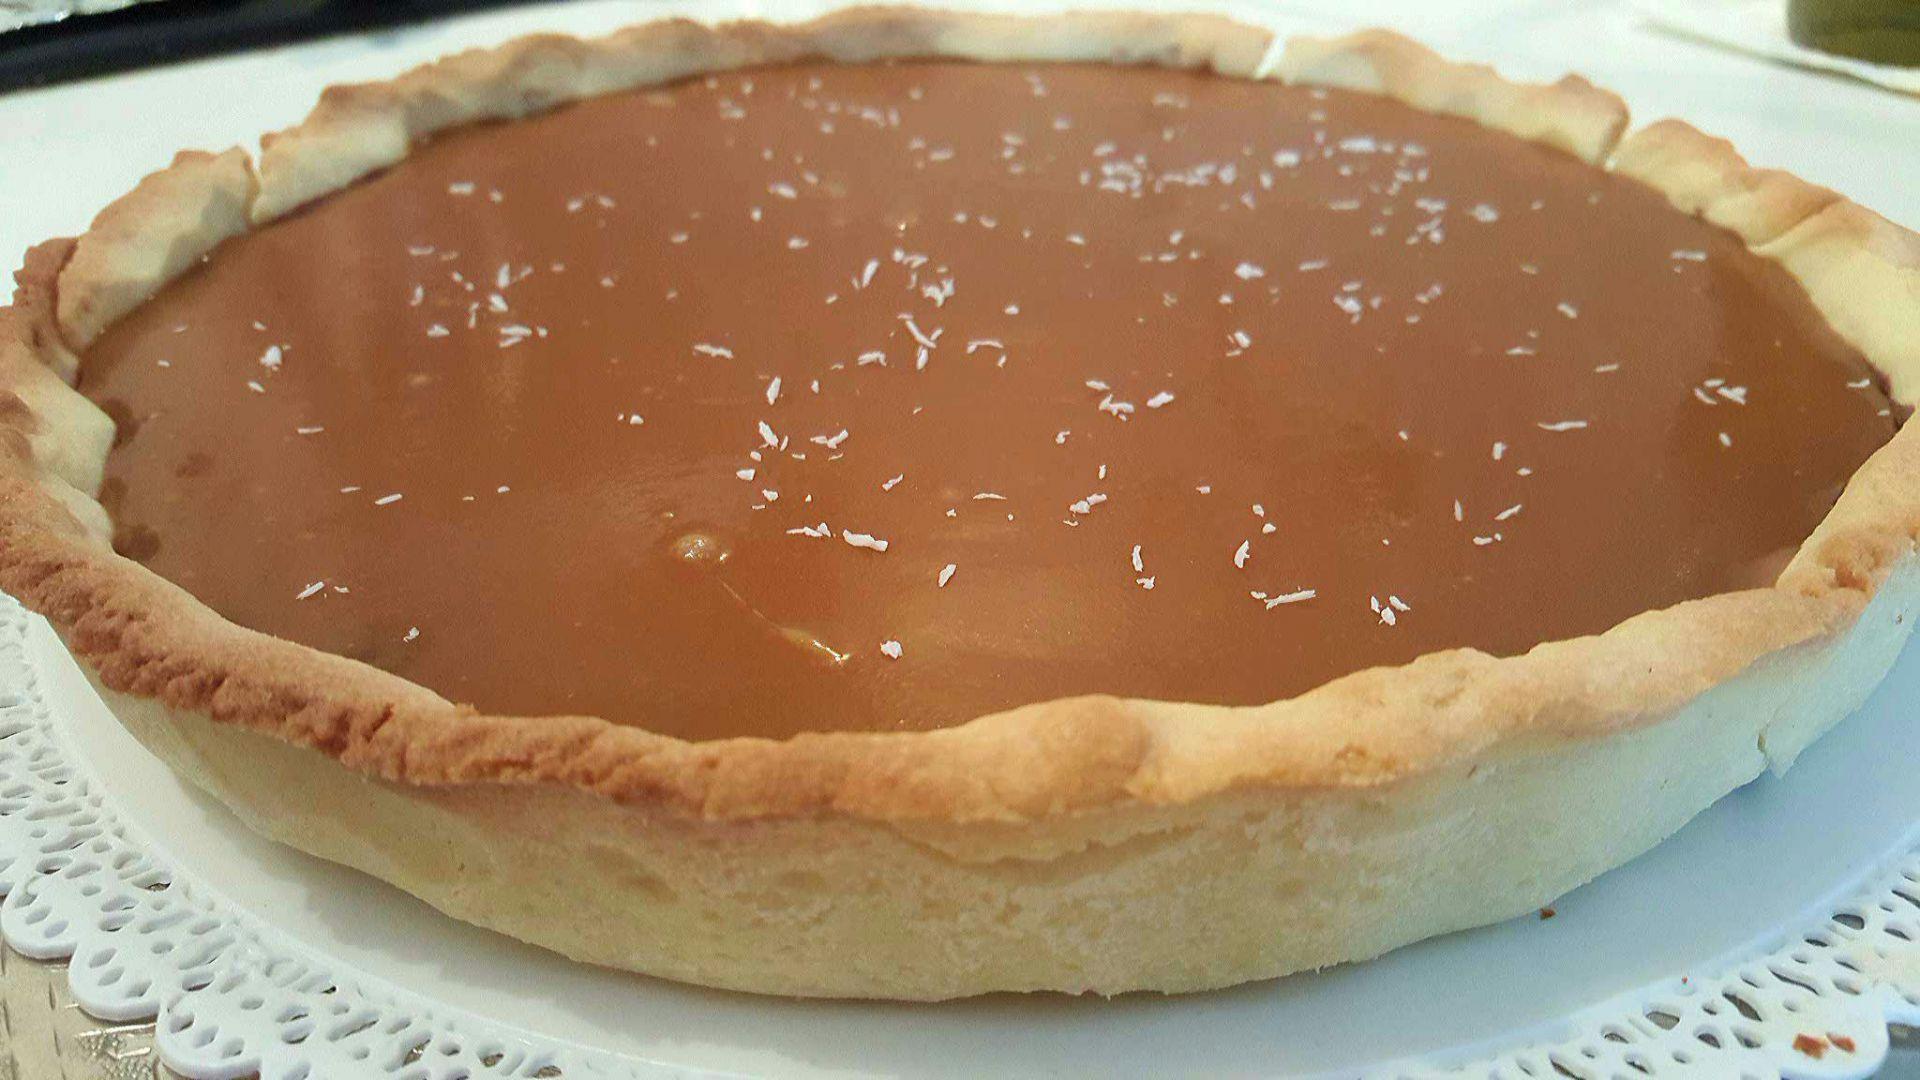 Recette Tarte Chocolat Caramel Beurre Sale Sur Sana Cocina Blog De